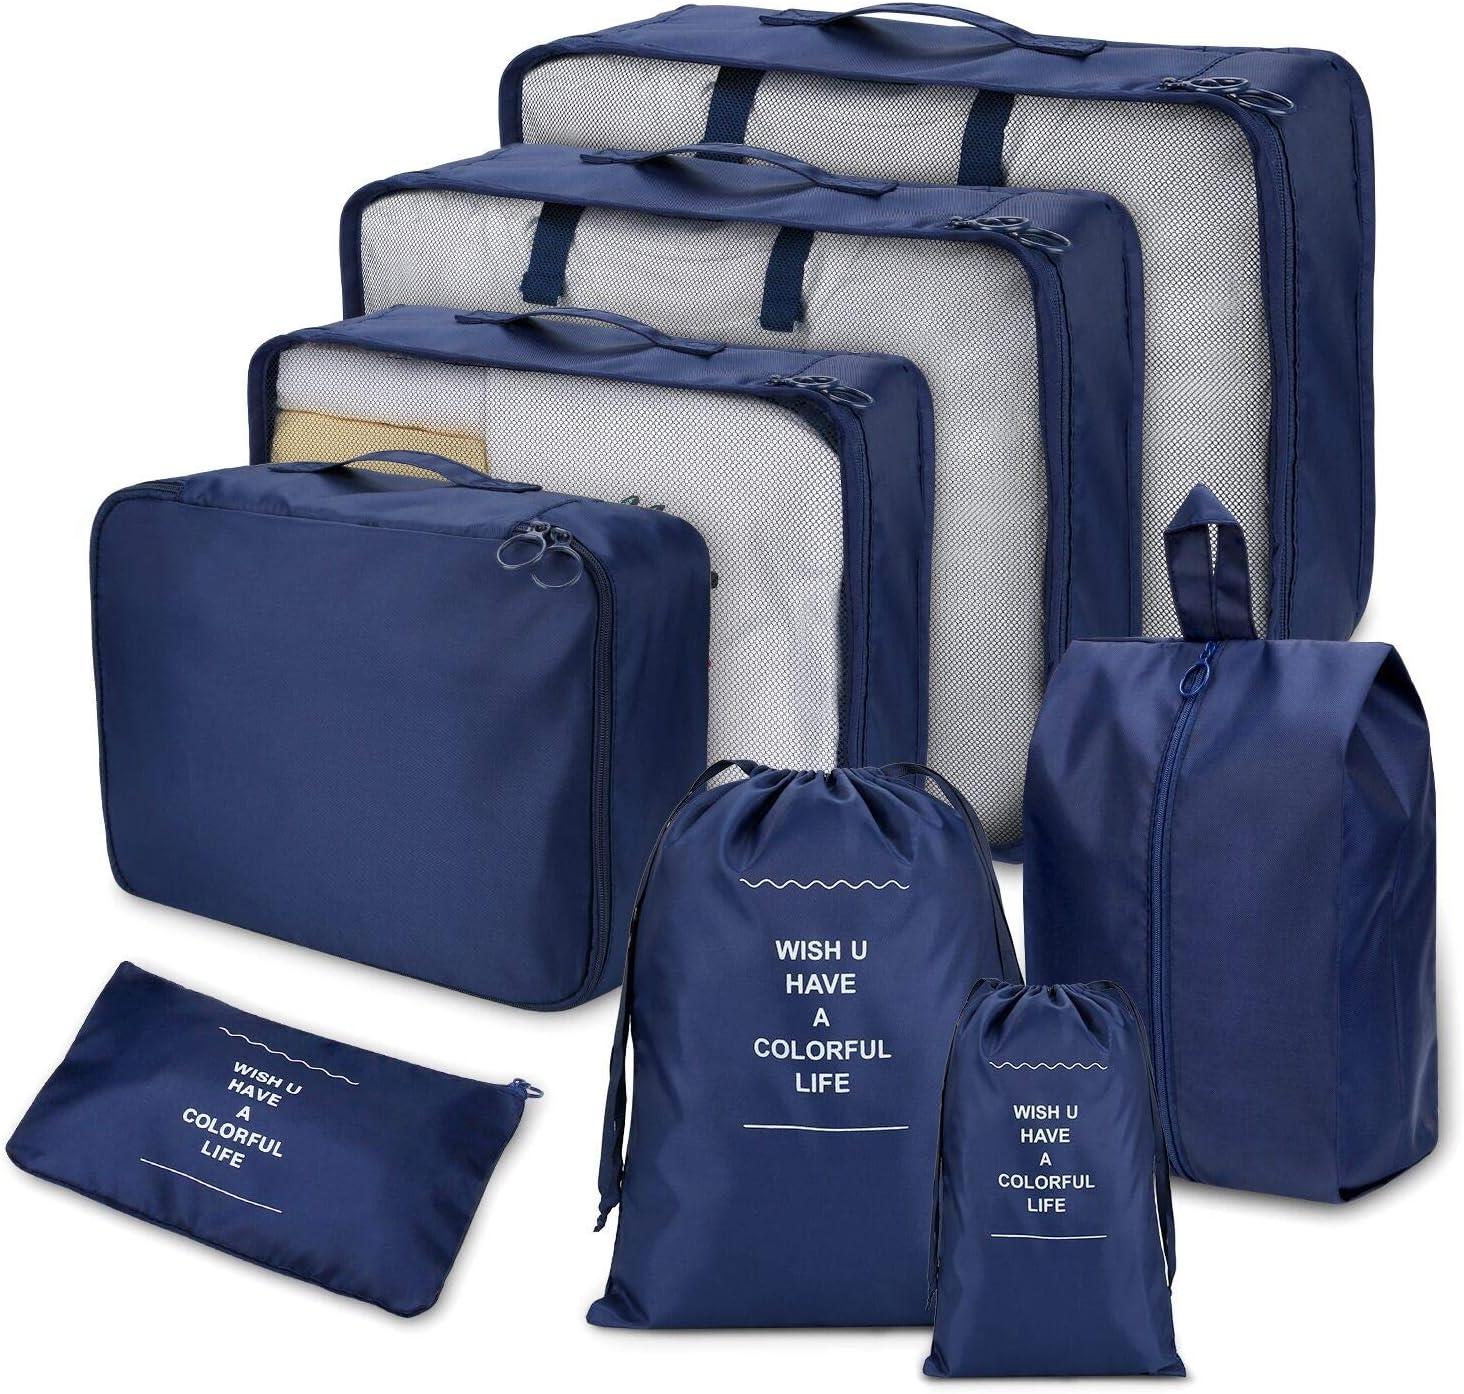 Joyoldelf 8 Set de Organizador de Equipaje, Impermeable Organizador de Maleta Bolsa para Ropa Sucia de Viaje,Cubos de Embalaje para Viaje(azul marino)